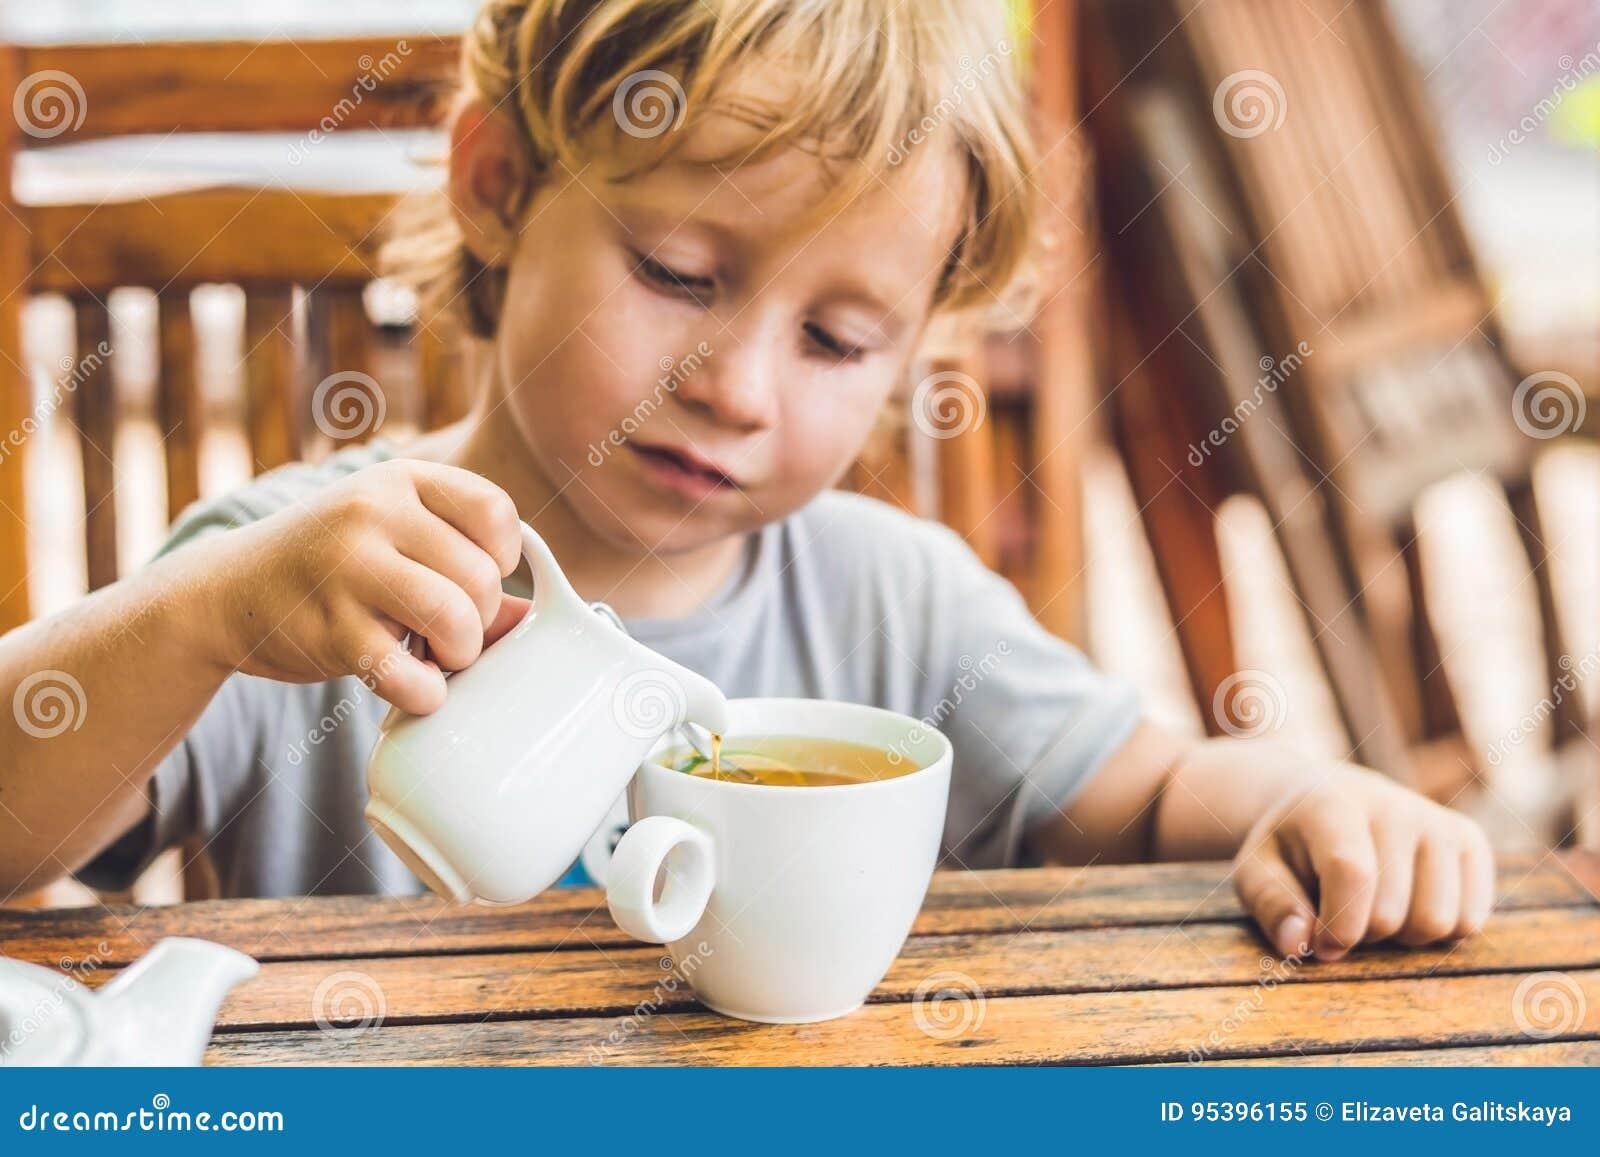 Το ευτυχές συμπαθητικό αγόρι χύνει το μέλι στο τσάι στο θερινό πράσινο κήπο Πορτρέτο υπαίθριος